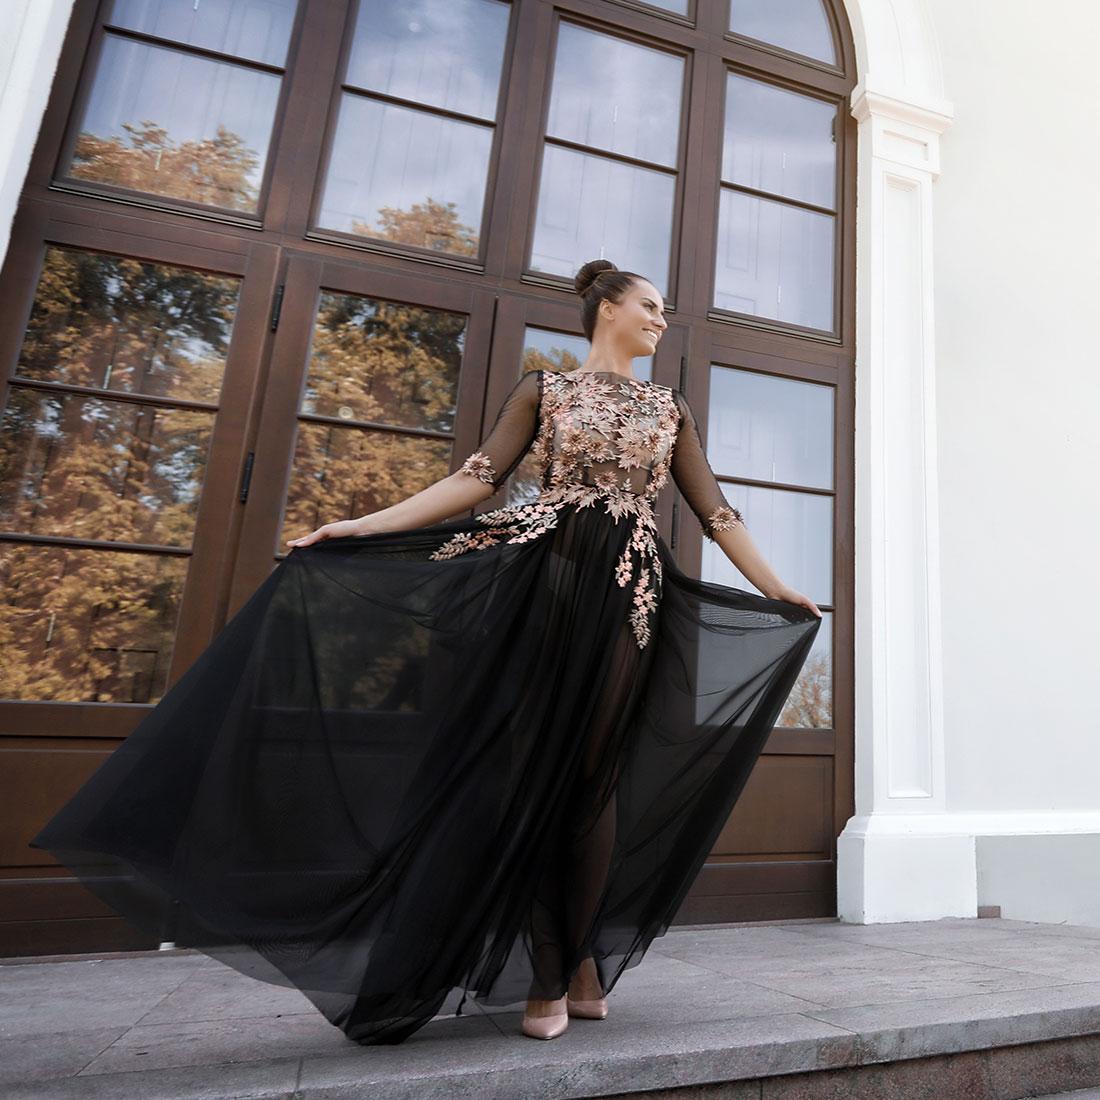 Katleen - Spoločenské a plesové šaty v Nitre 41003564259